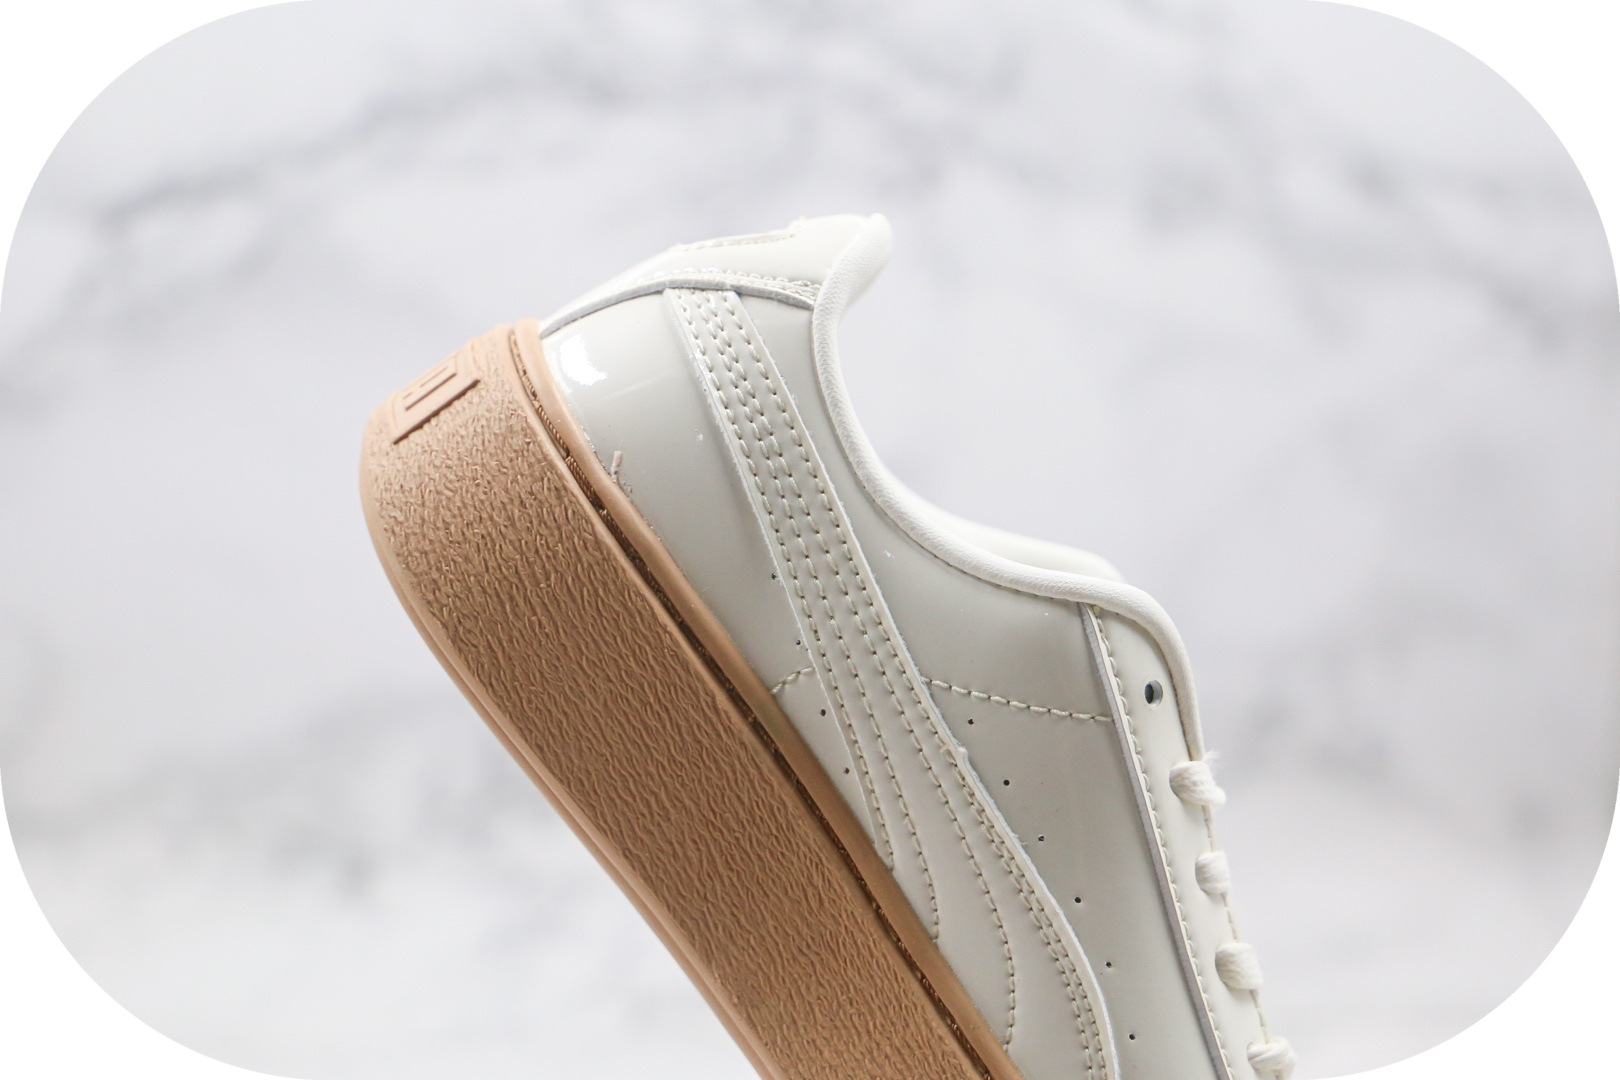 彪马PUMA Basket Platform纯原版本蕾哈娜二代米白漆皮板鞋原盒原标原鞋开模一比一打造